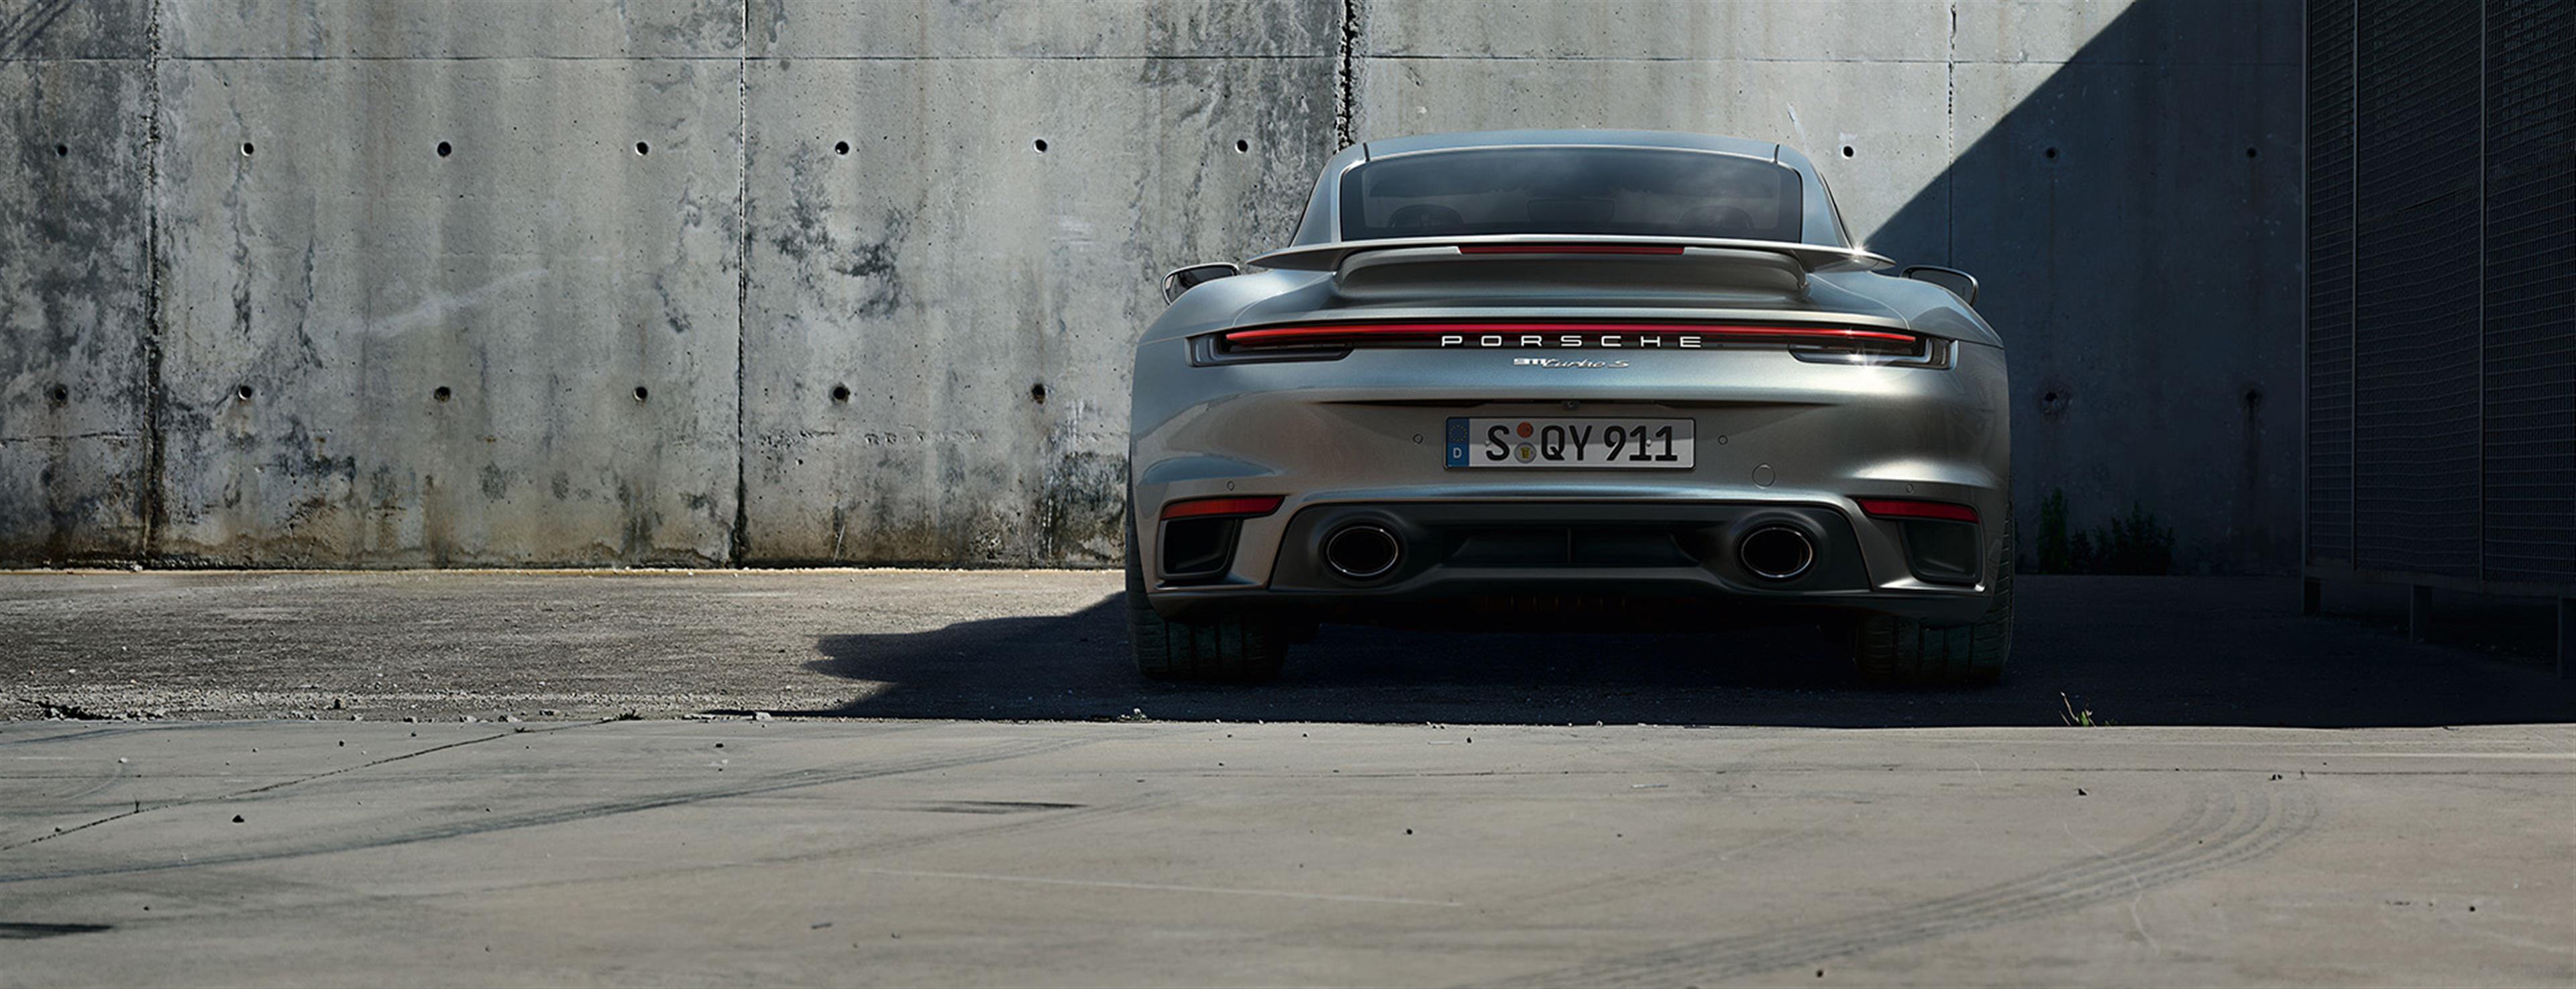 Porsche - Ne geçmişe ne de geleceğe ait,  zamanın ötesinde.